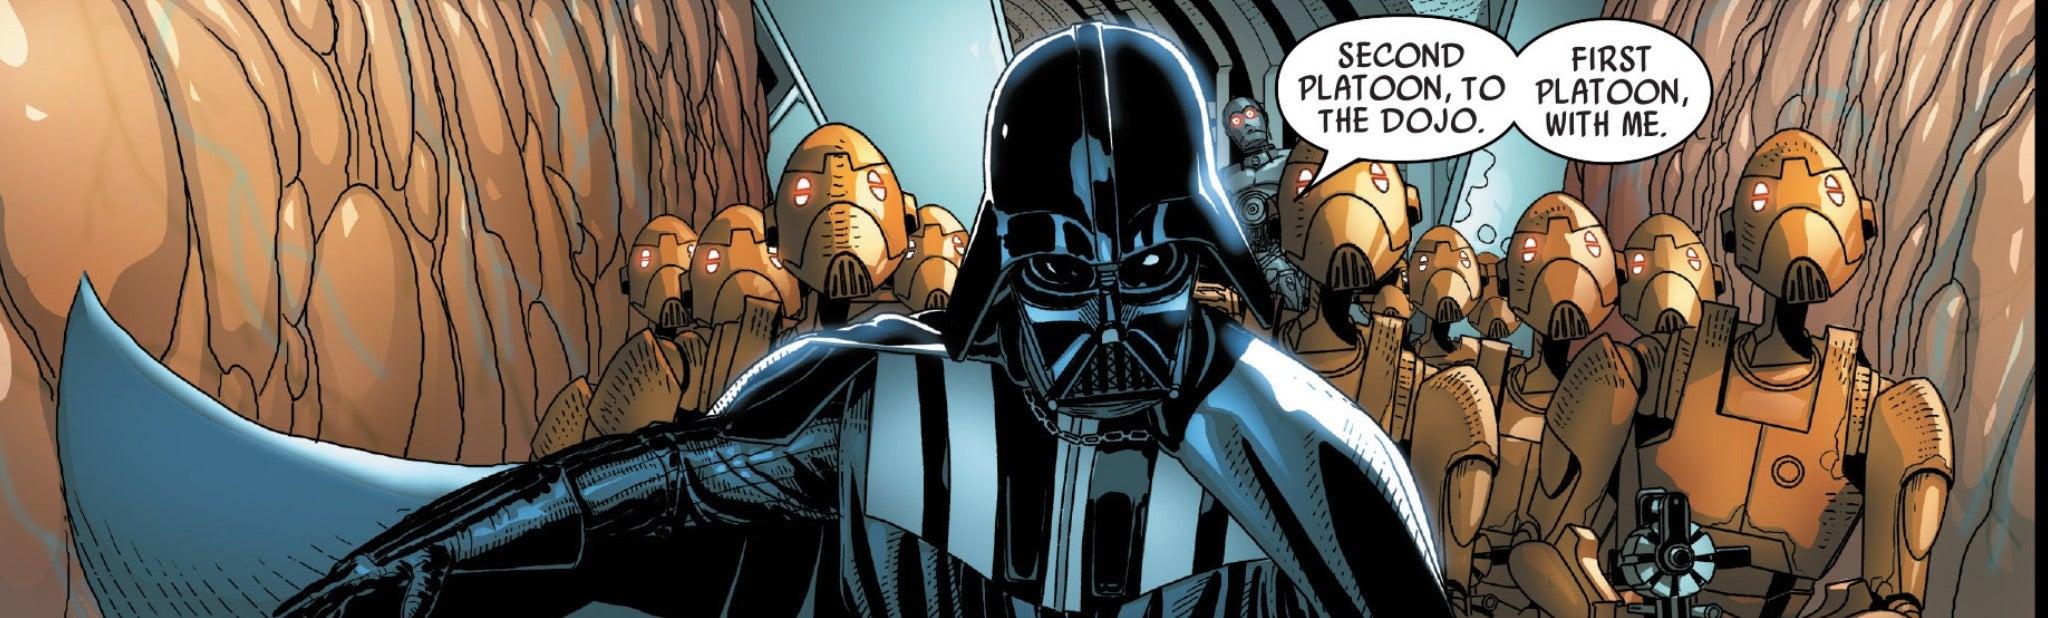 FF - Darth Vader 5